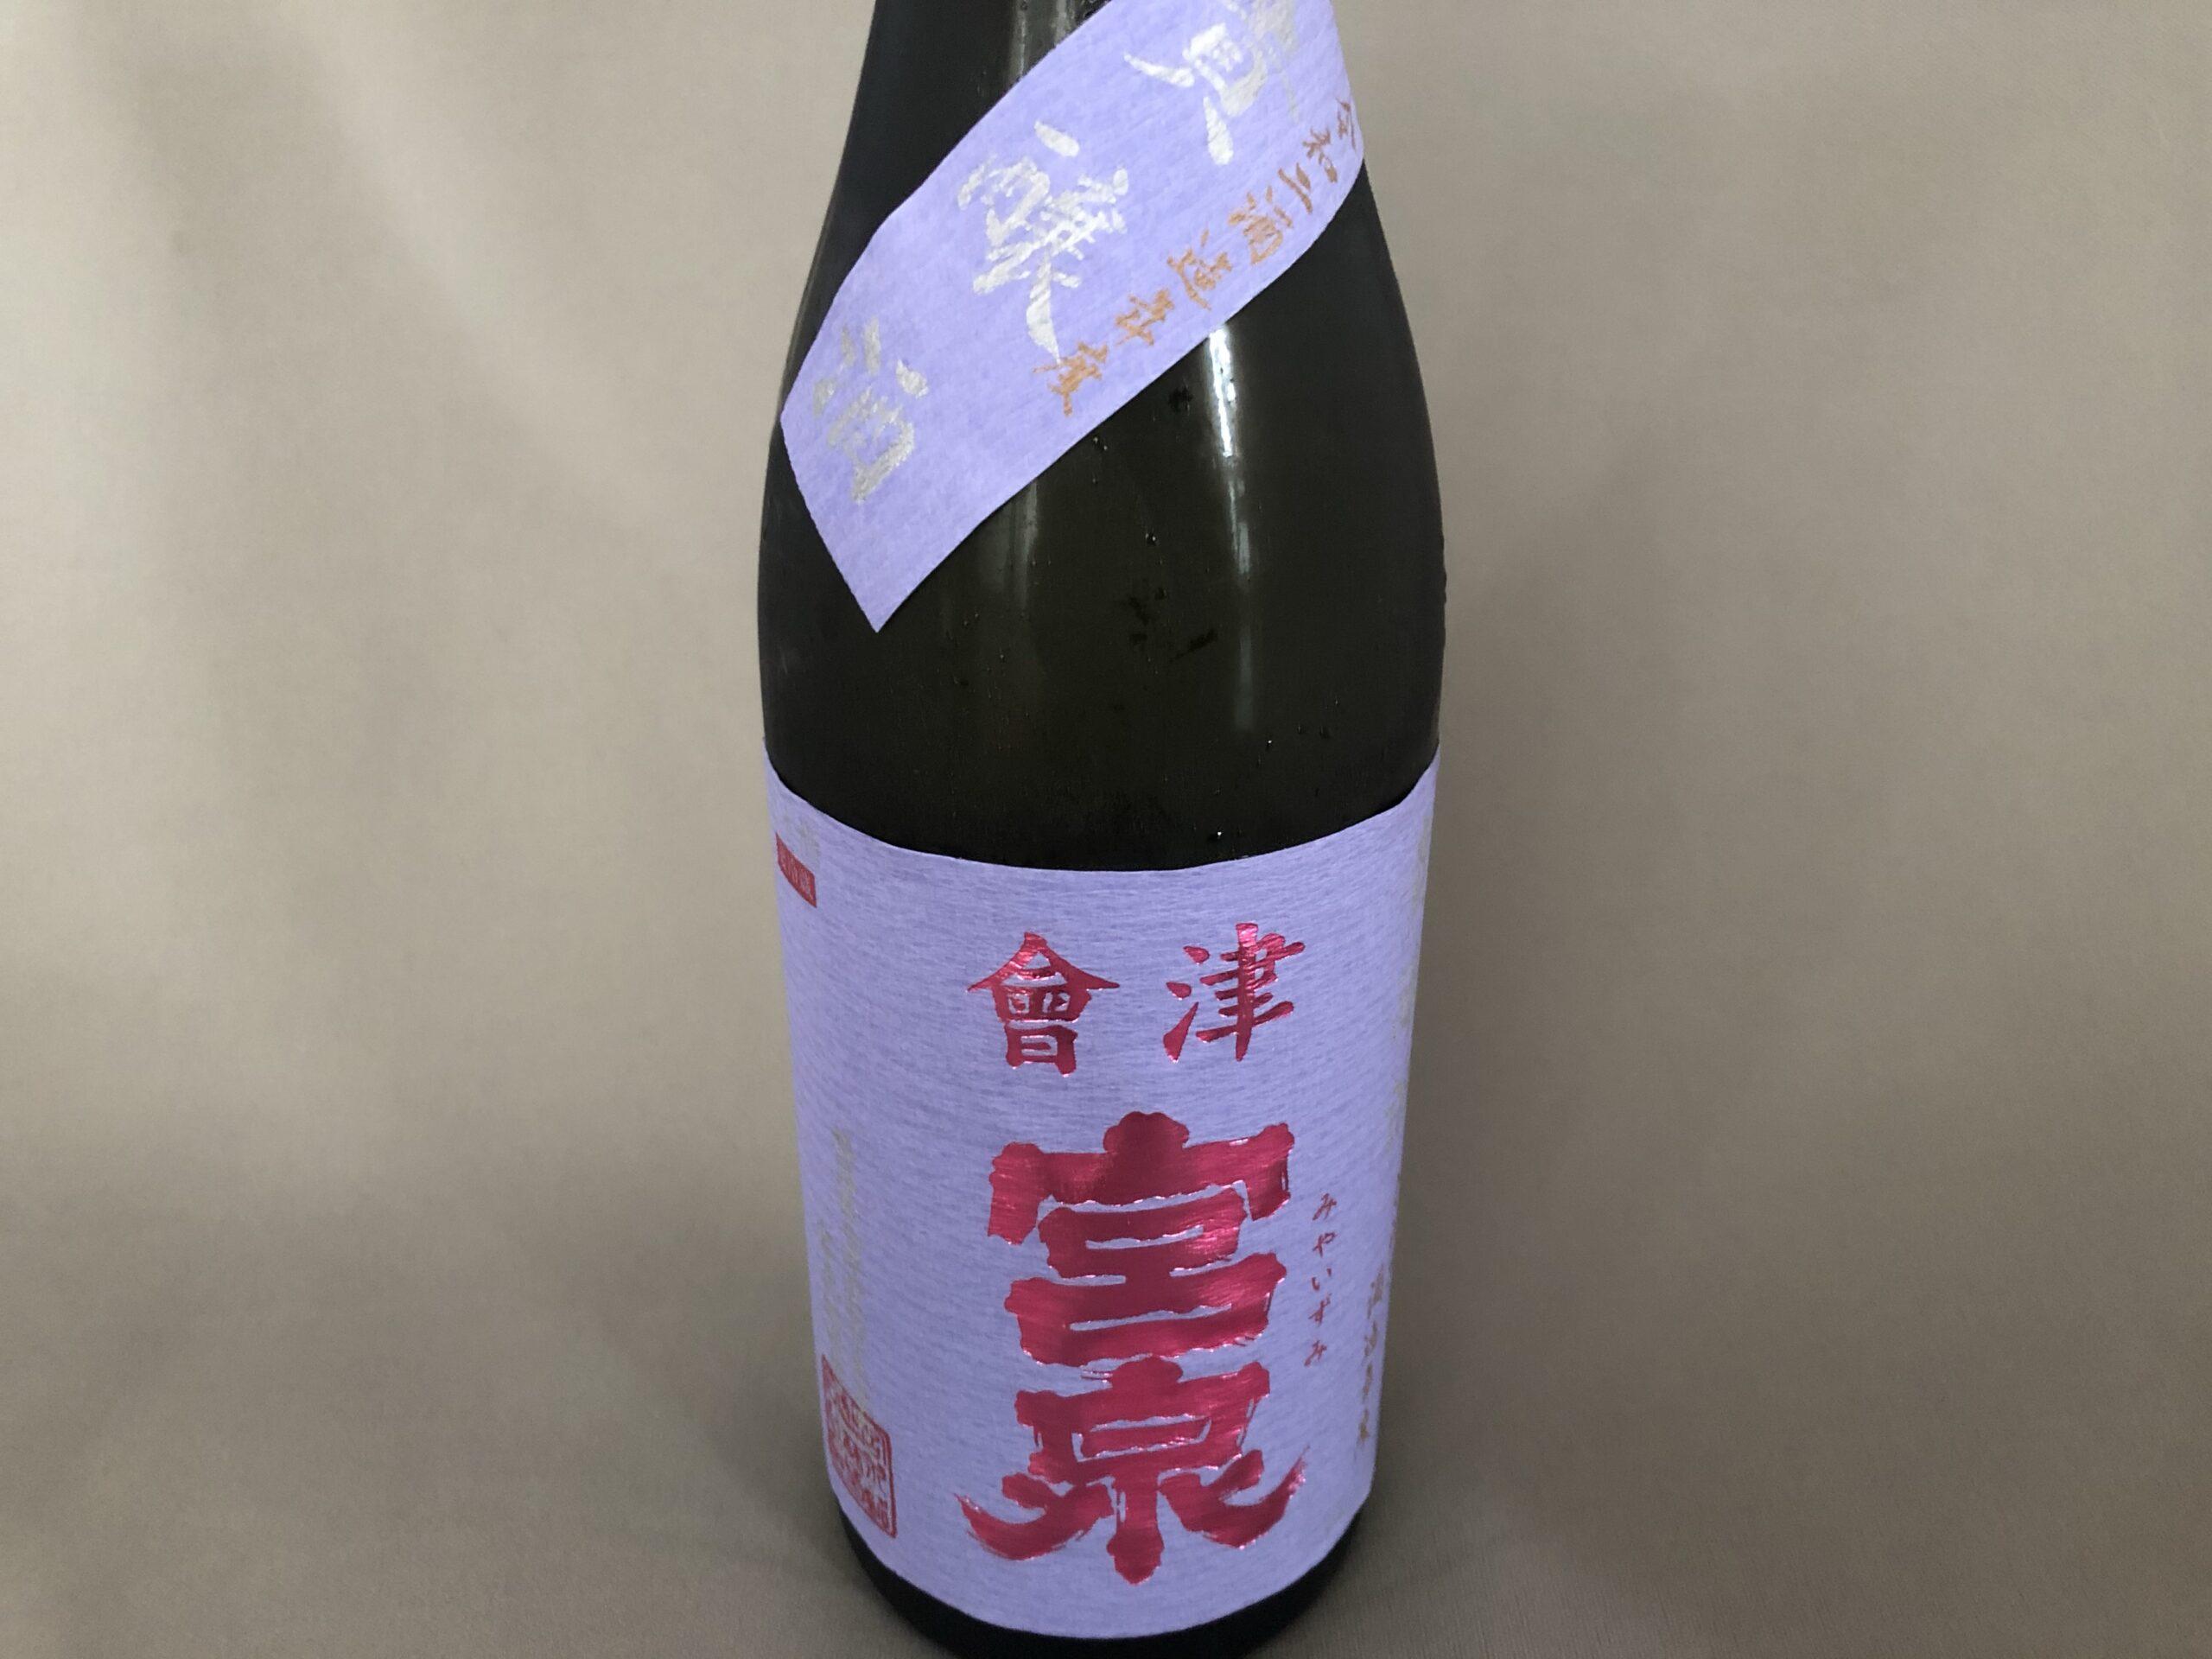 会津の名蔵が挑む新しい貴醸酒!「会津宮泉 貴醸酒」